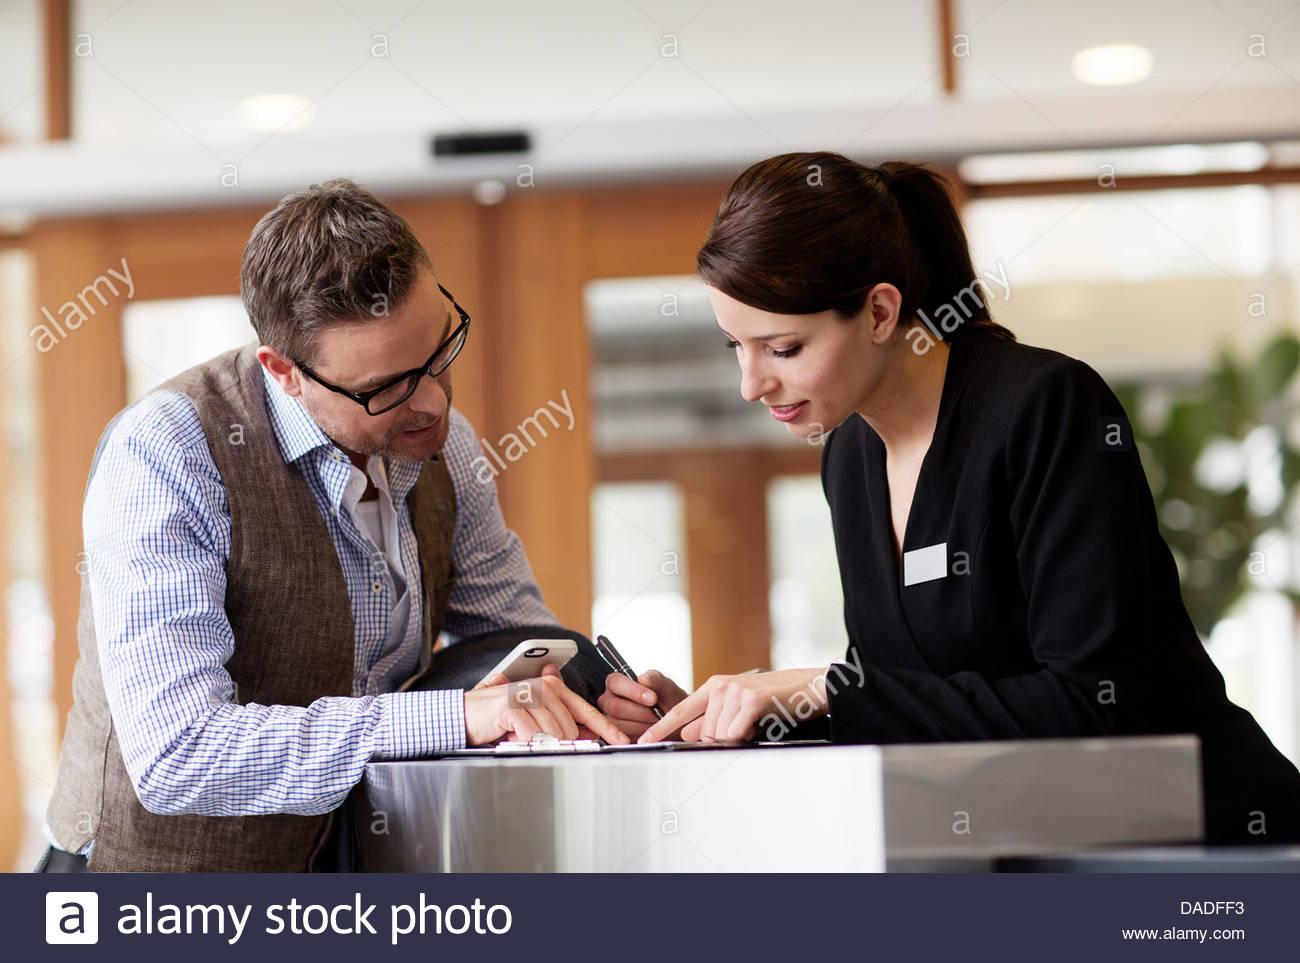 Uomo e donna che guarda in basso Immagini Stock